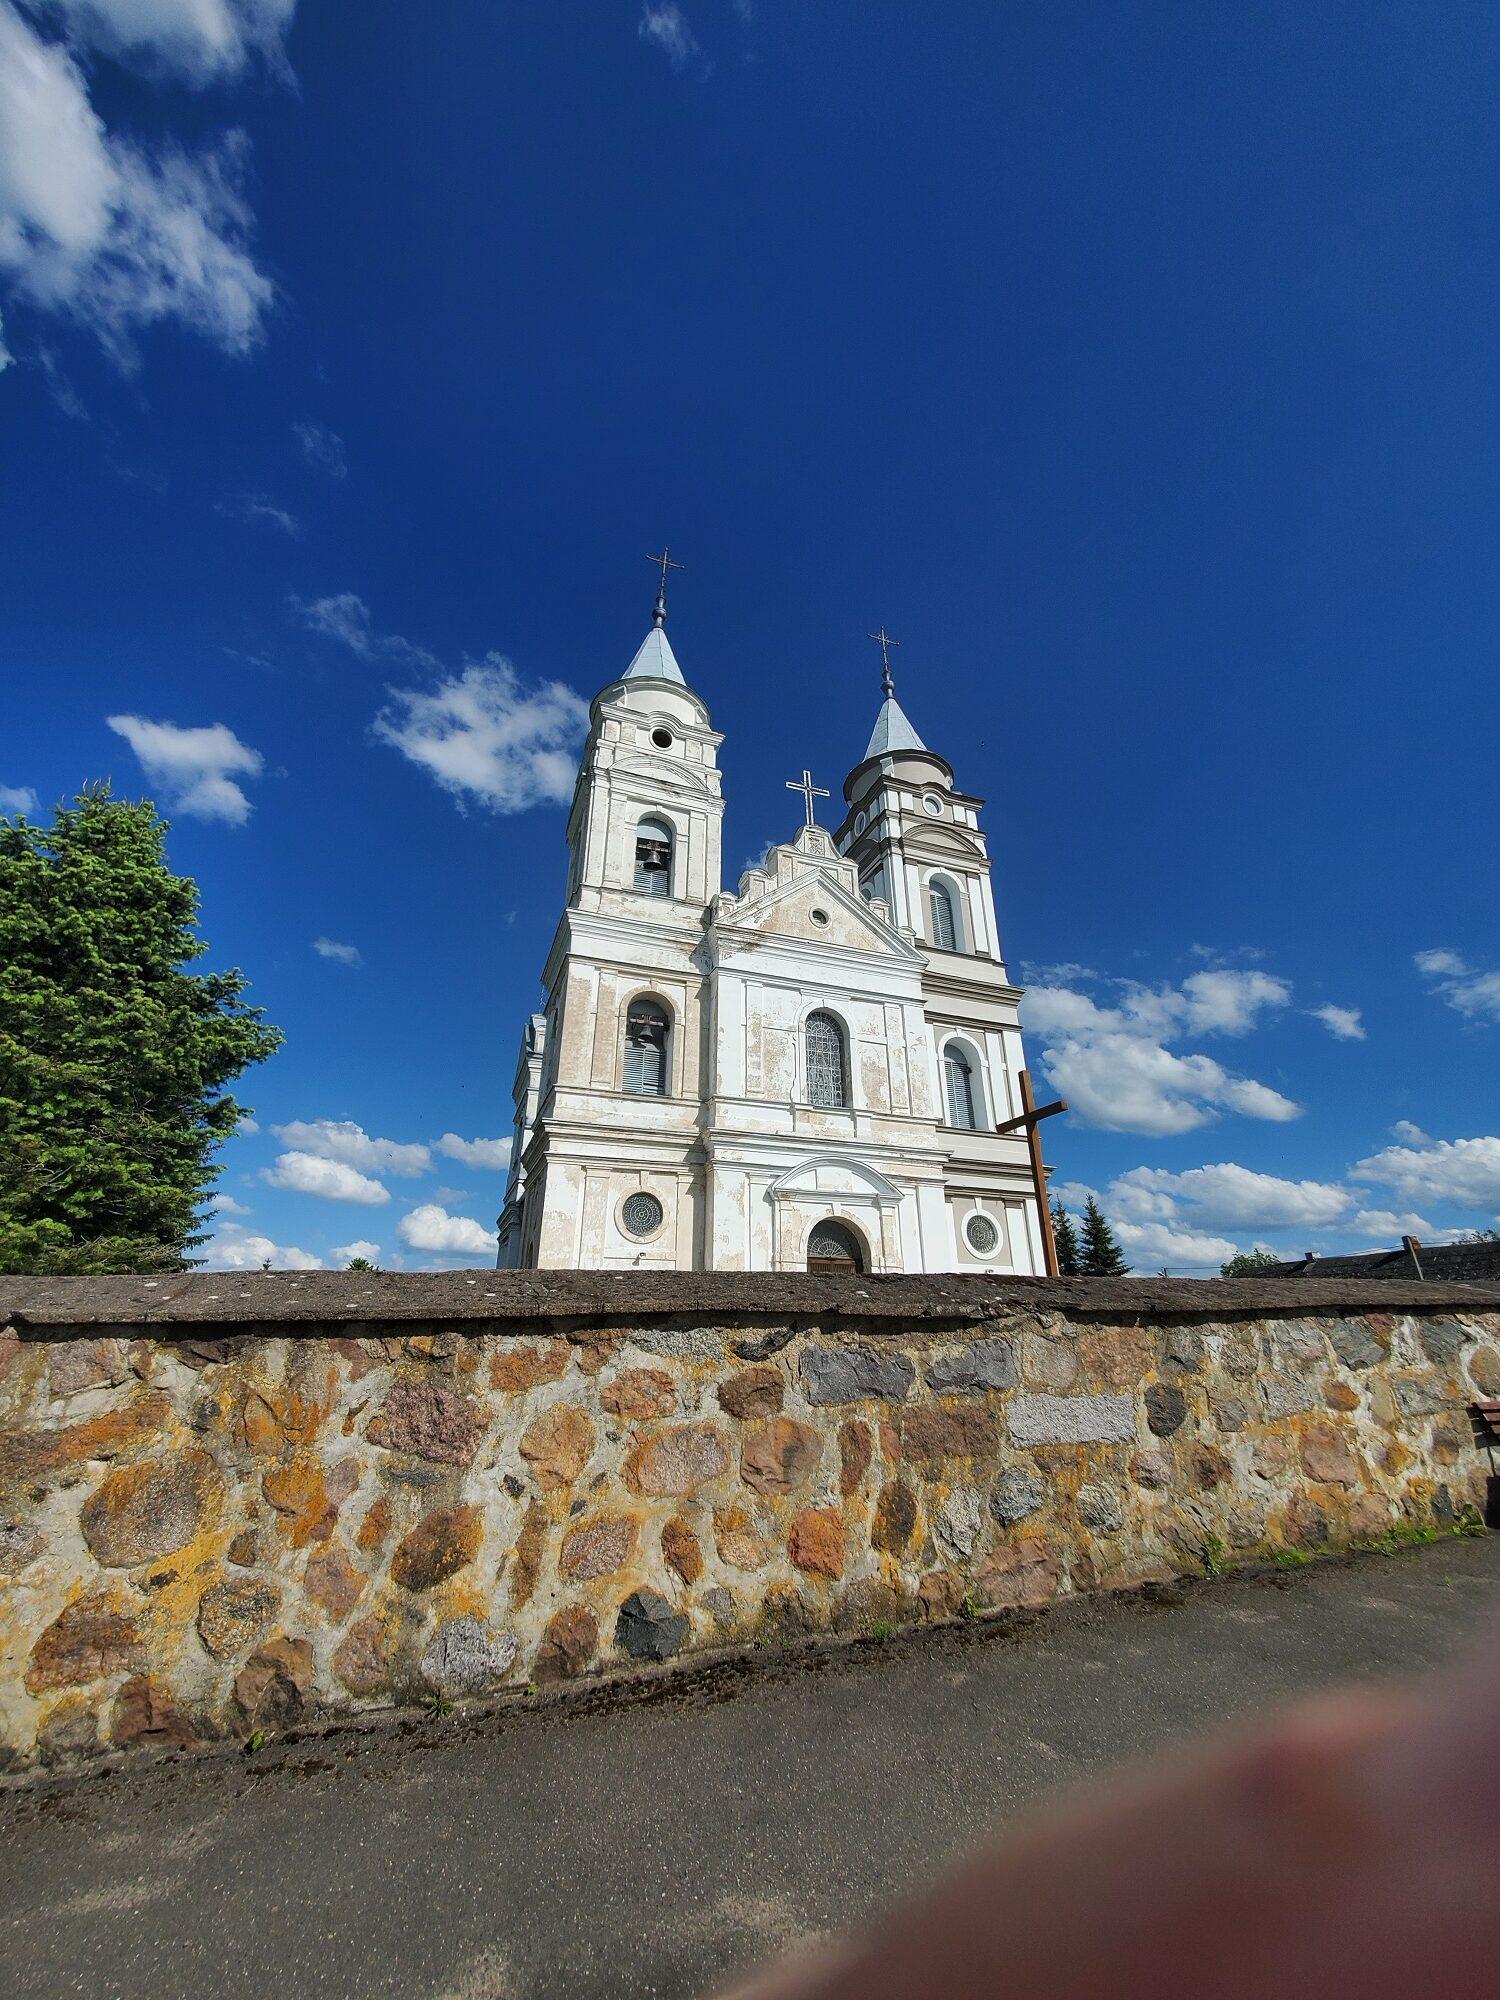 20200606 164650 rotated - Костел Пресвятой Девы Марии в деревне Парафьяново